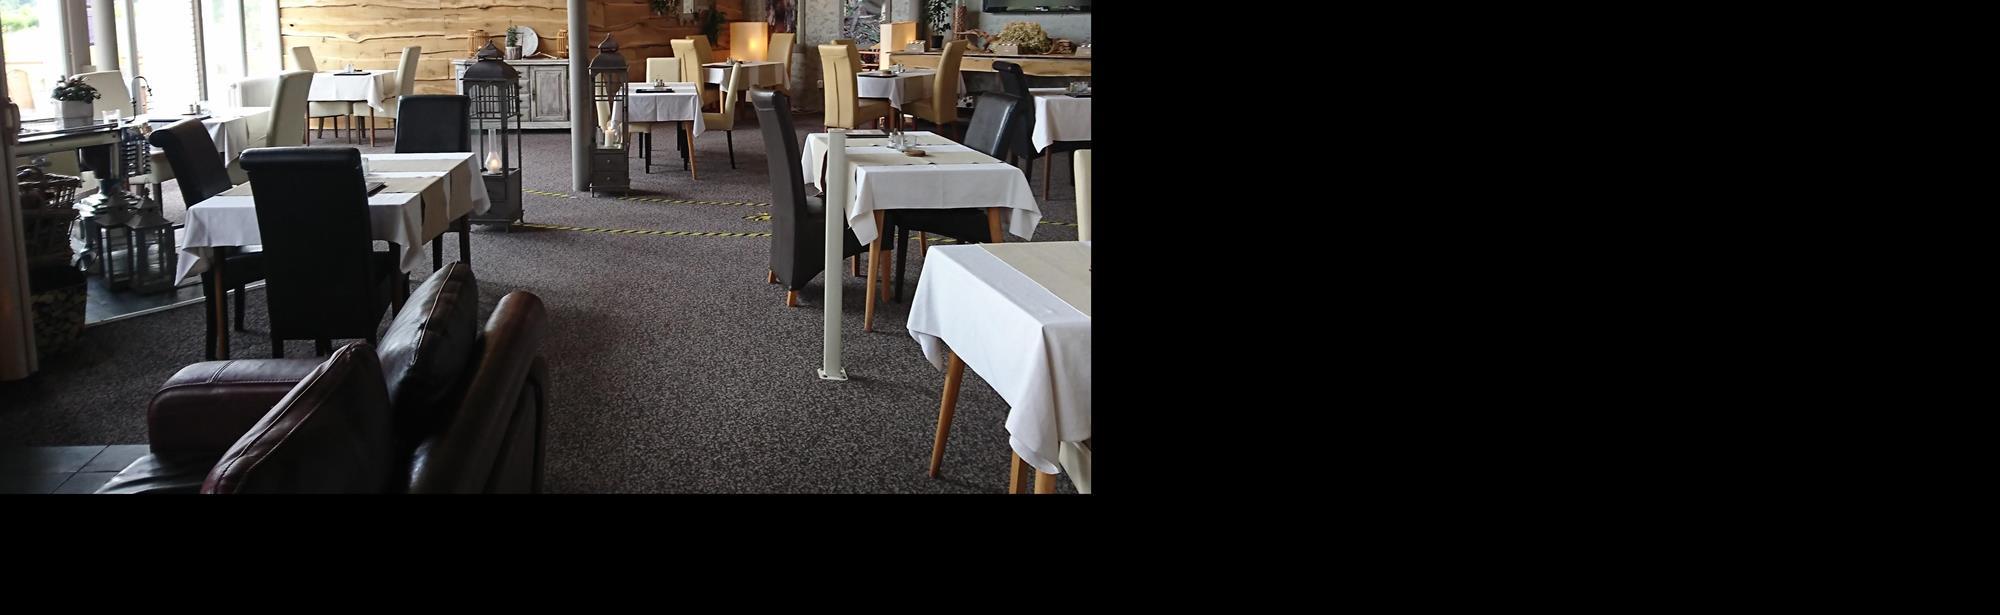 Restaurant de Lier